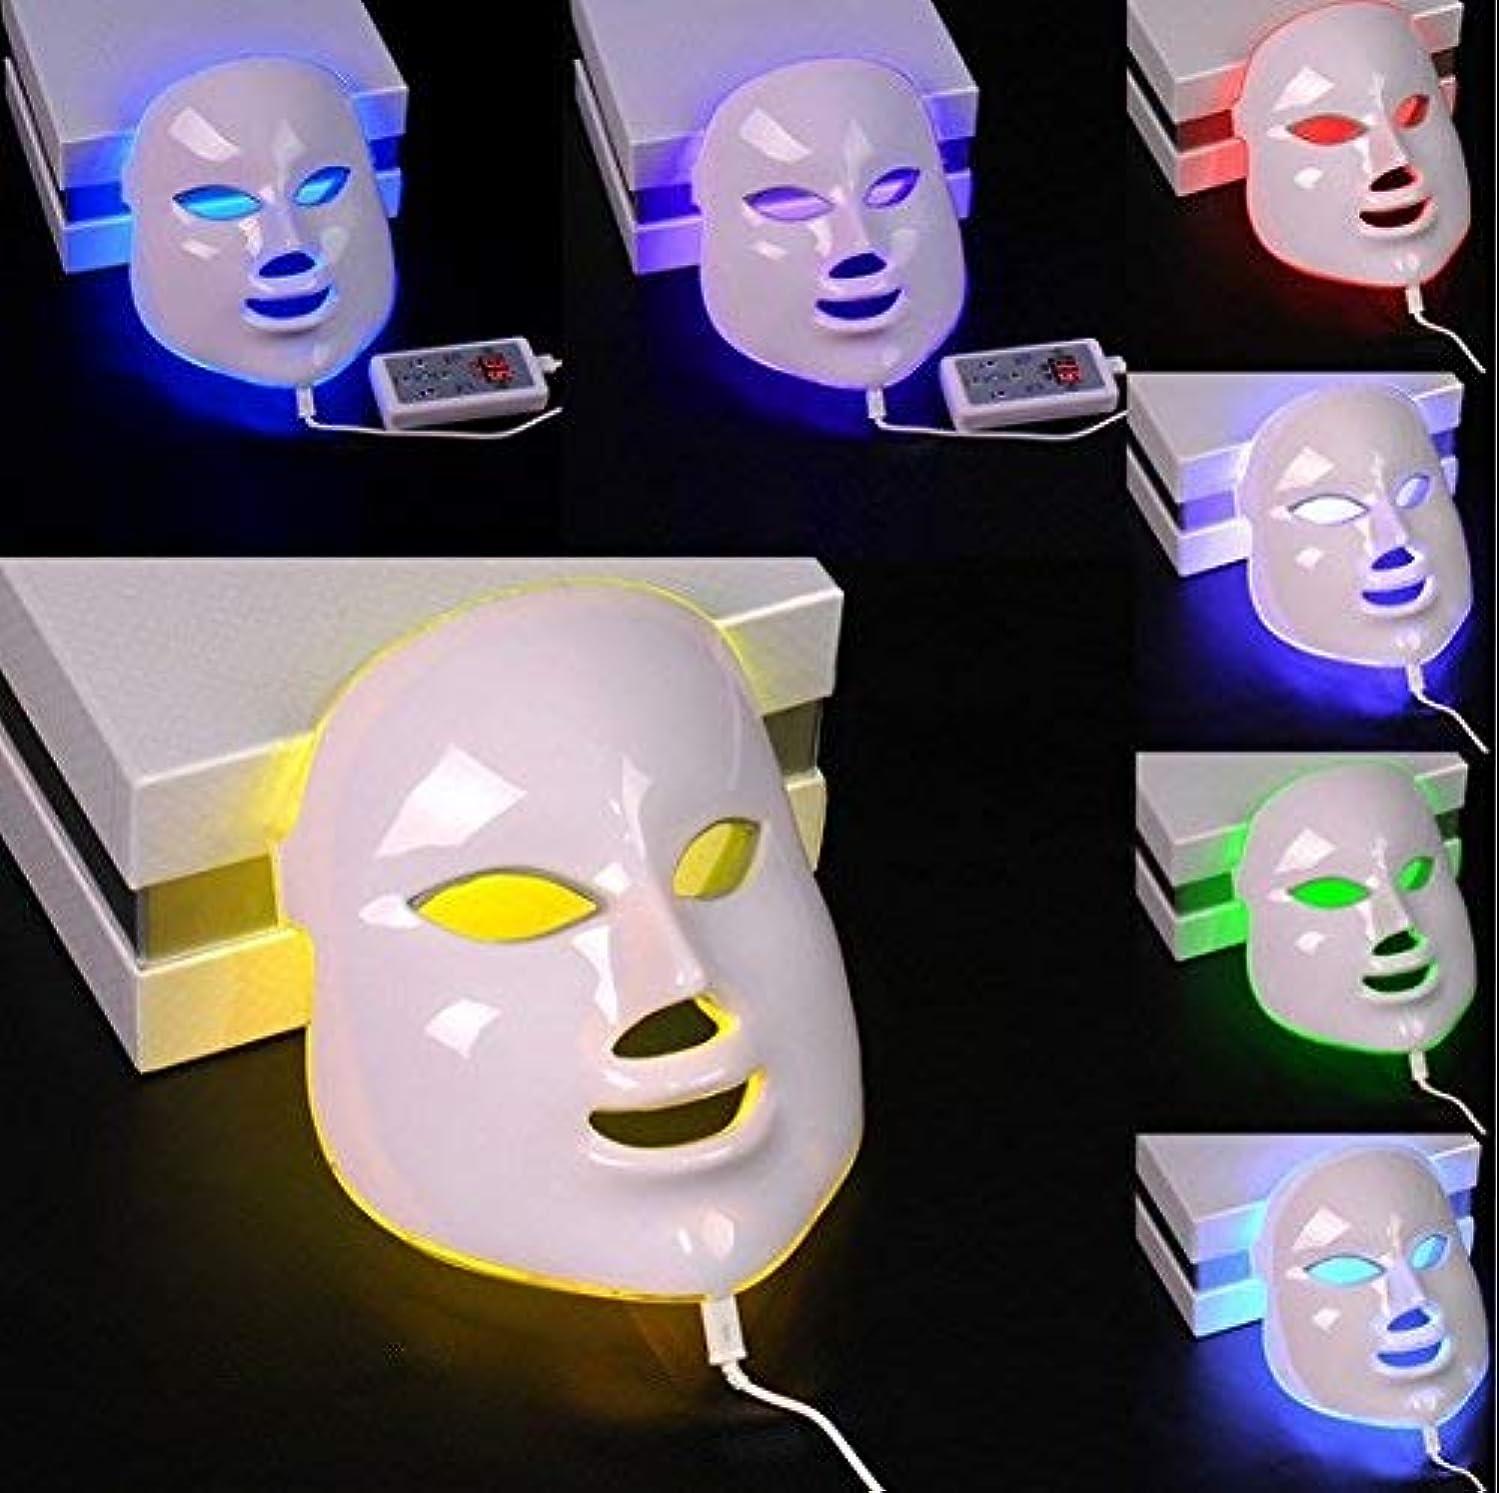 意義抗生物質養うCSBY フェイシャルマスク光子は顔 マスクを率いて7色が顔 マスク 美し主導フェイスマスク美容マシンを主導しました